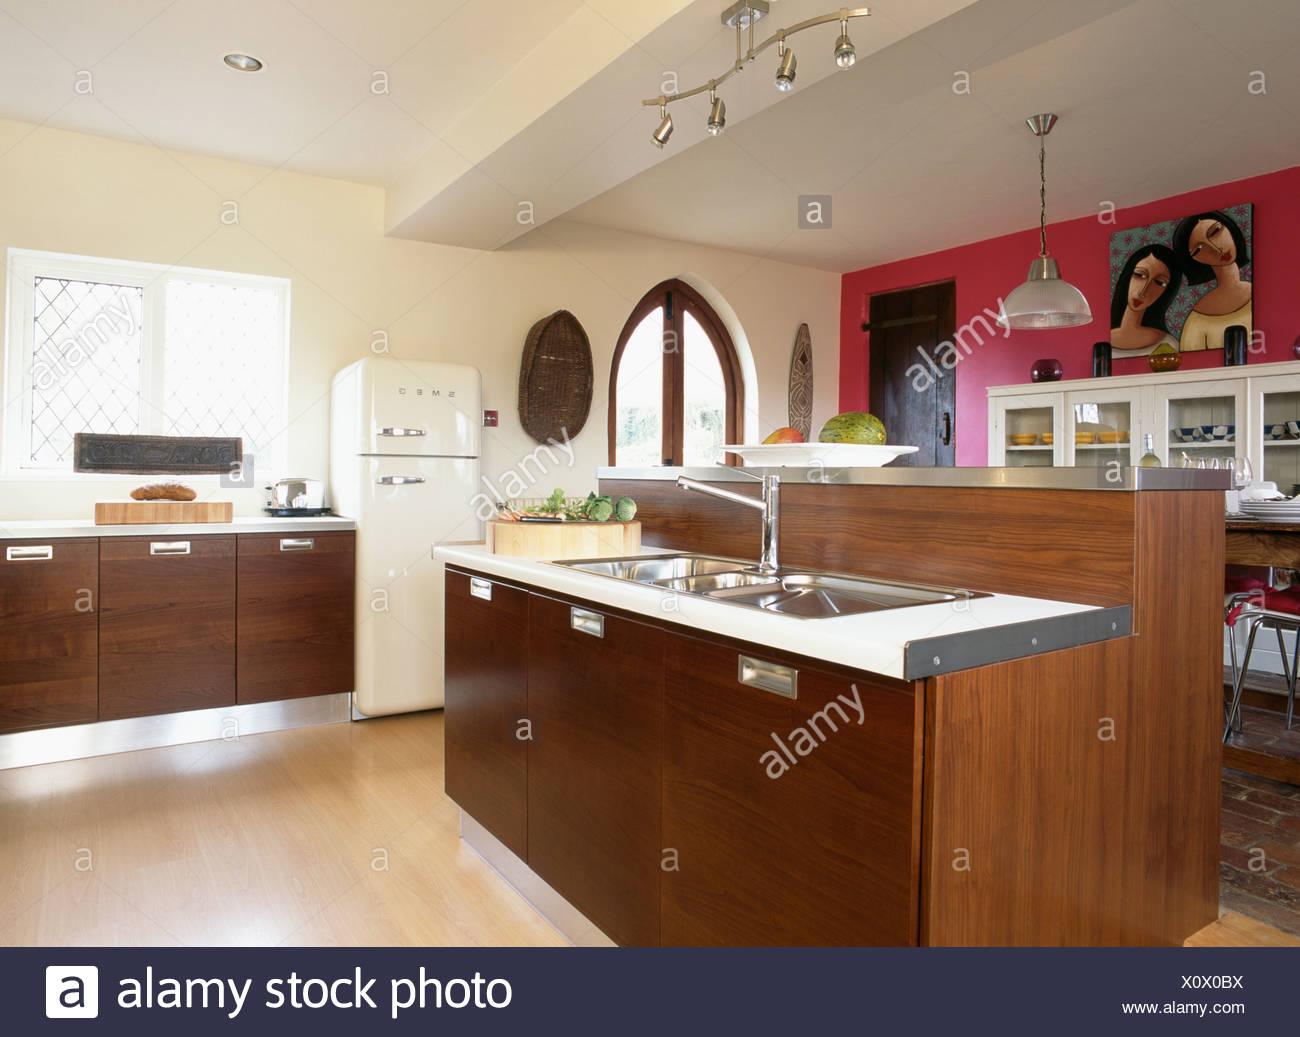 Parete rosa in grande e moderna cucina color crema con mobili di ...